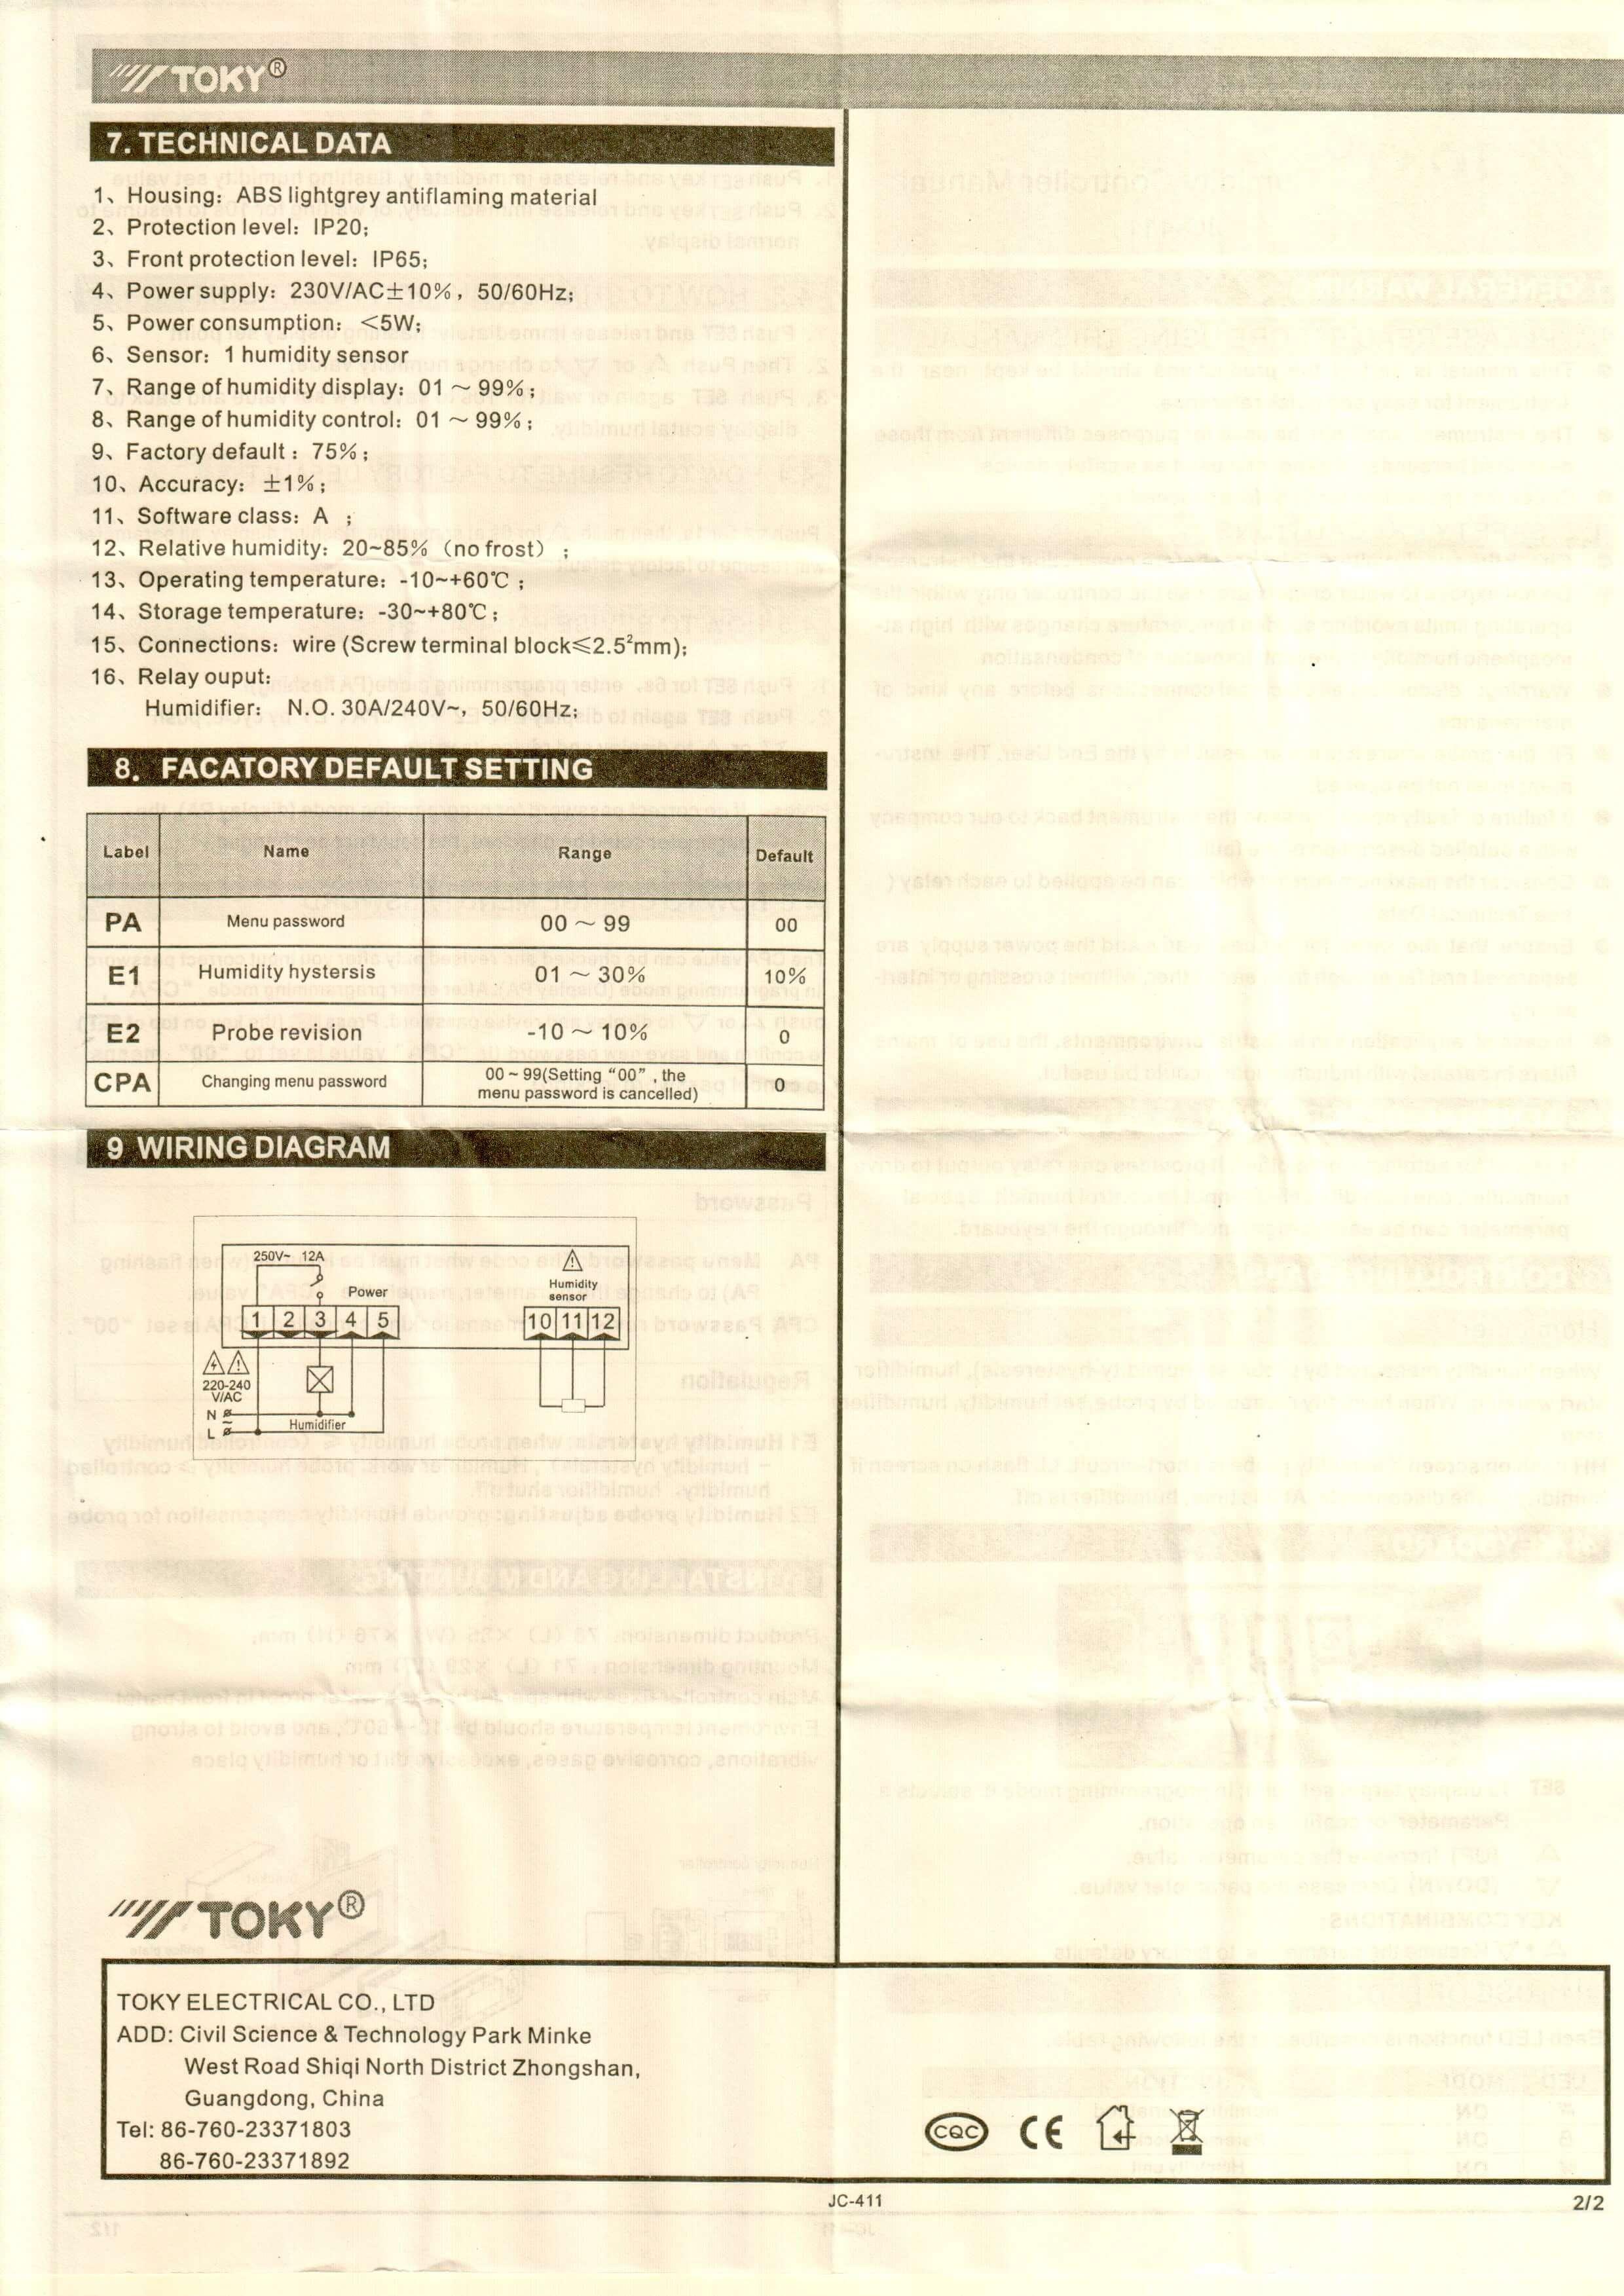 JC411 INFO 2 - کنترلر رطوبت ( رطوبت سنج ) توکی Toky مدل JC-411